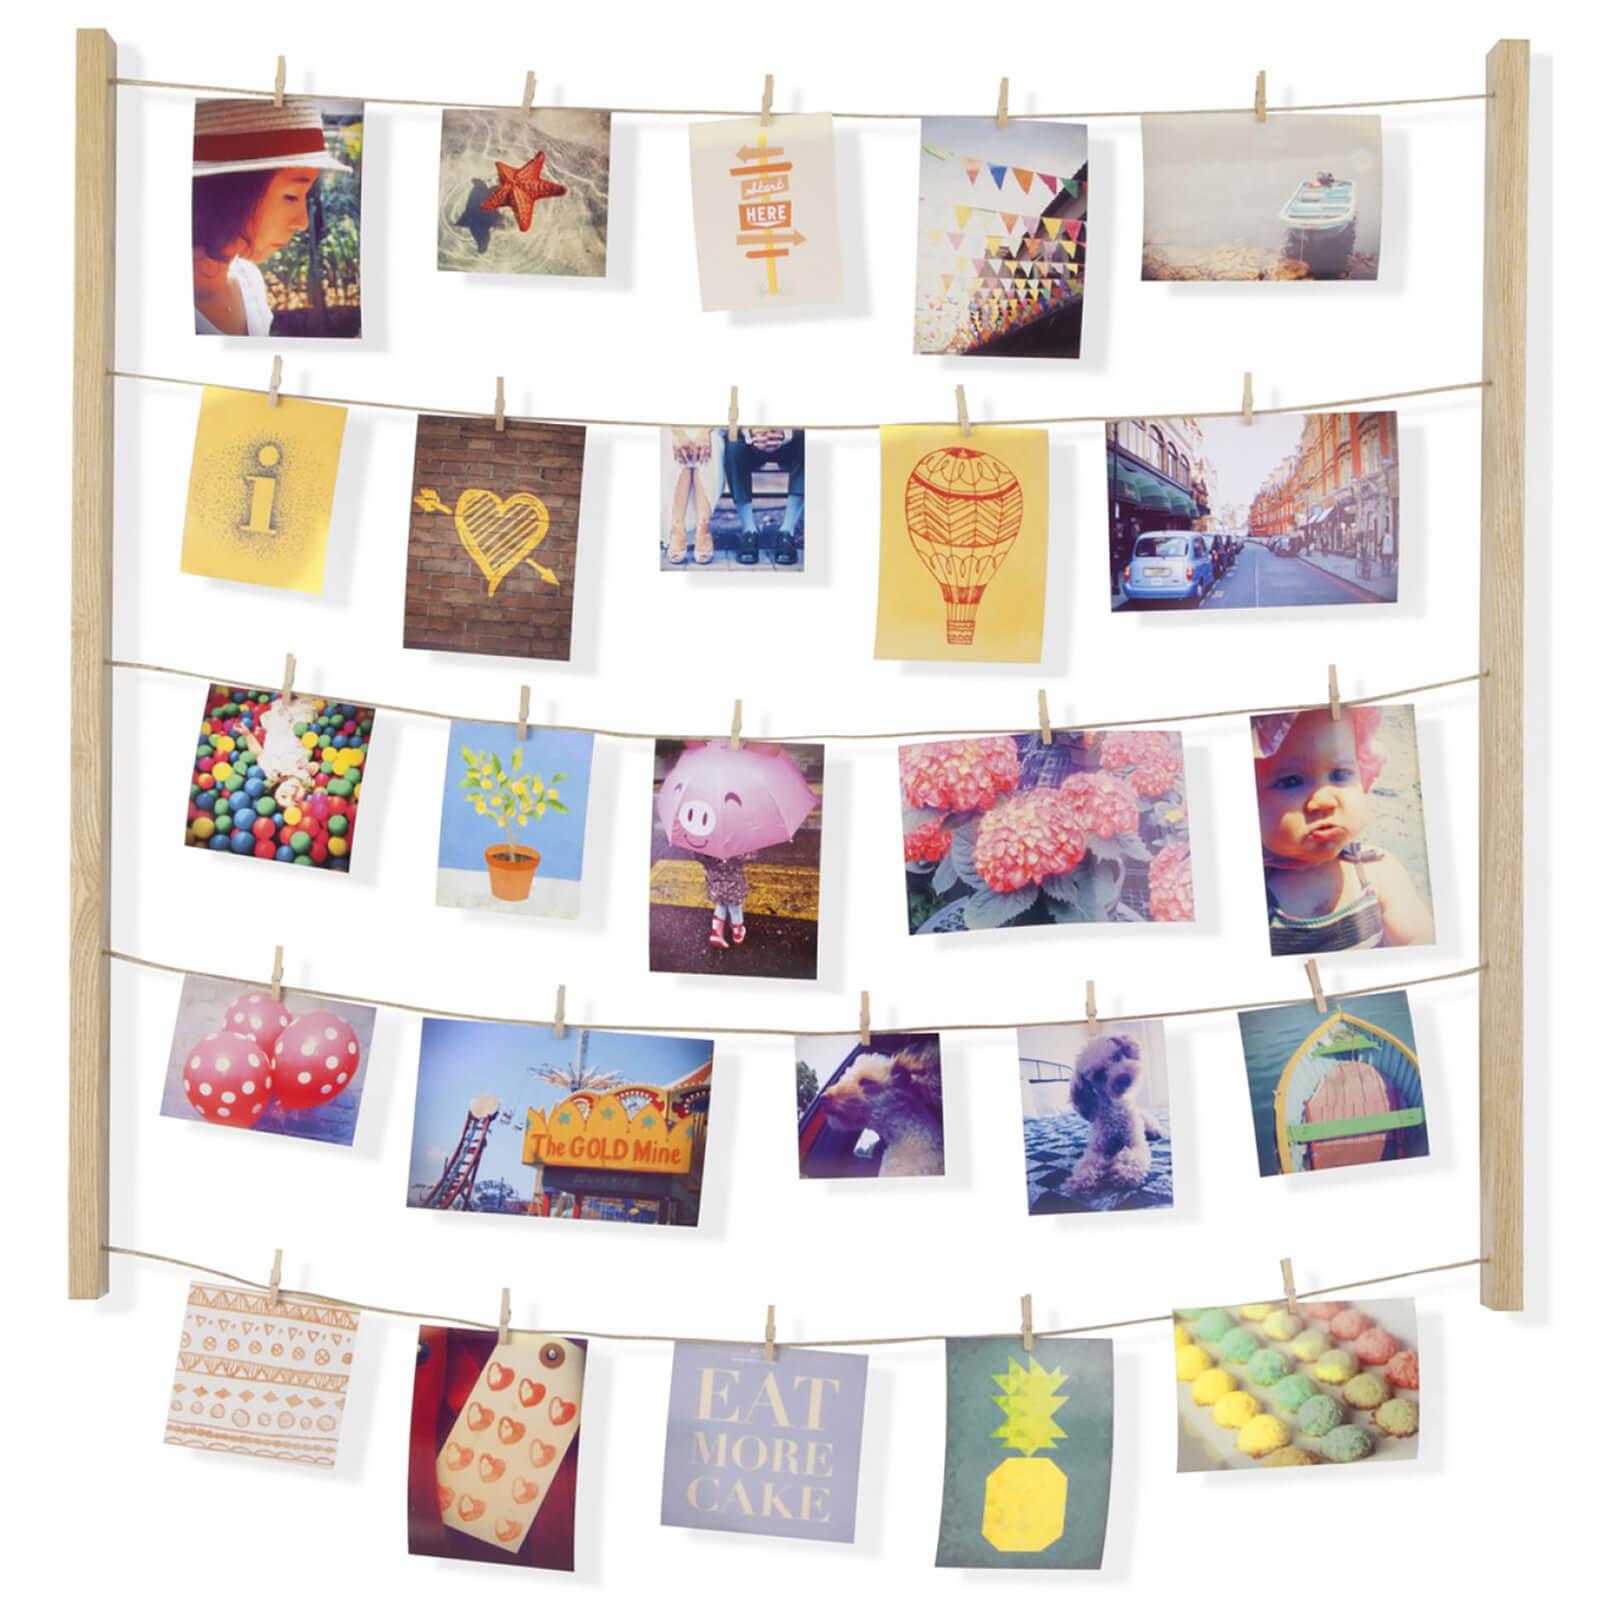 Umbra Hangit Photo Display - Natural